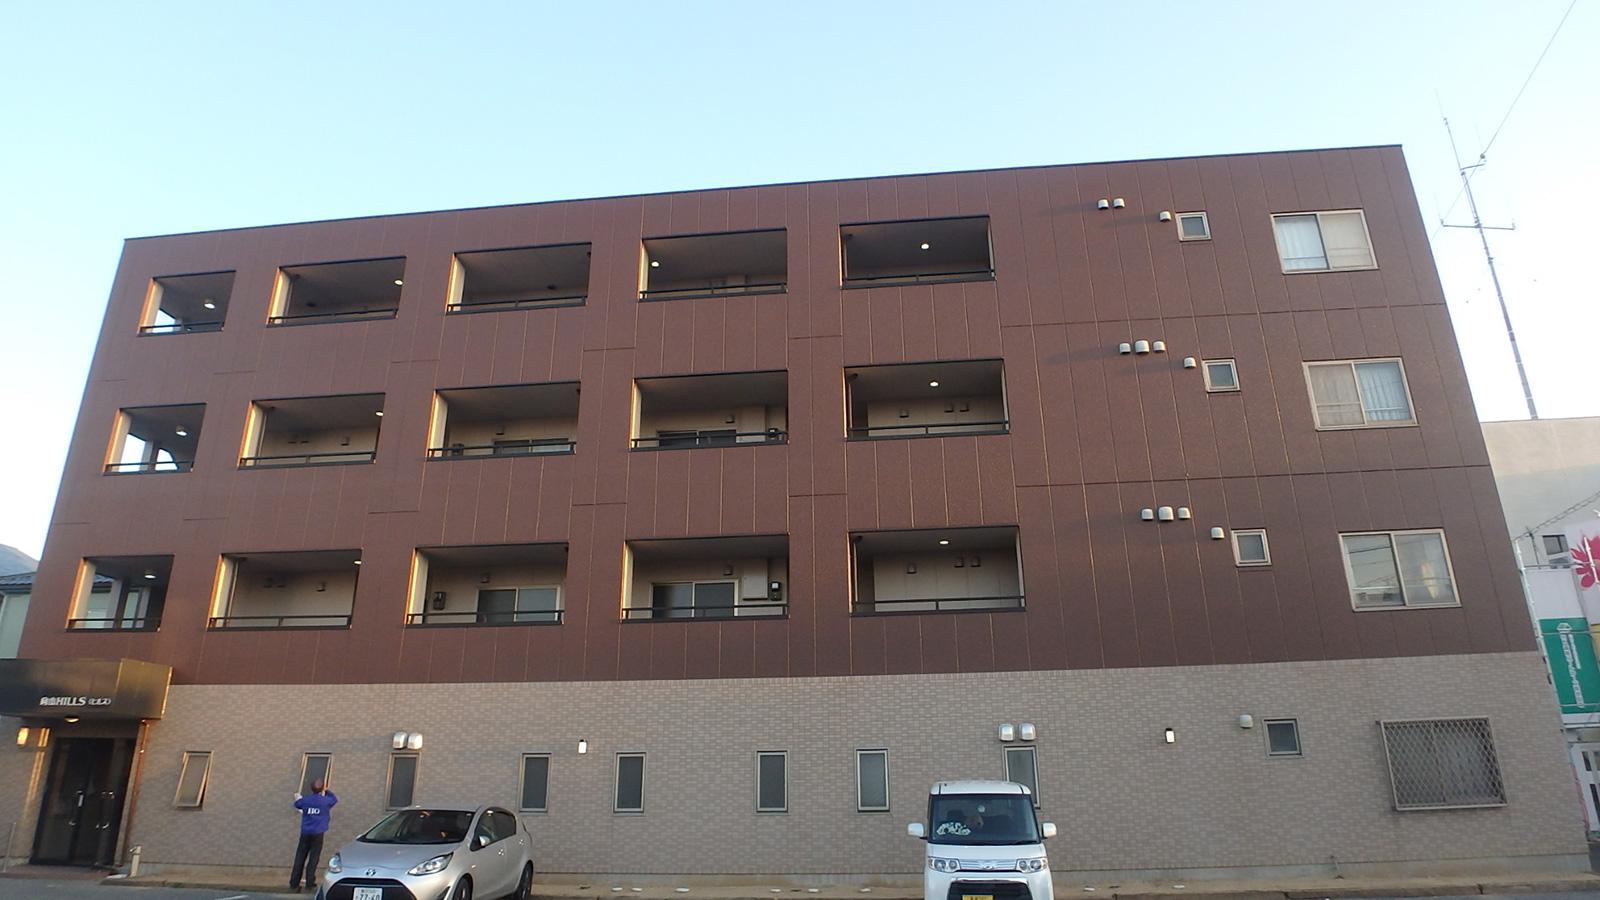 高耐候性の外壁用塗料を使用しました。